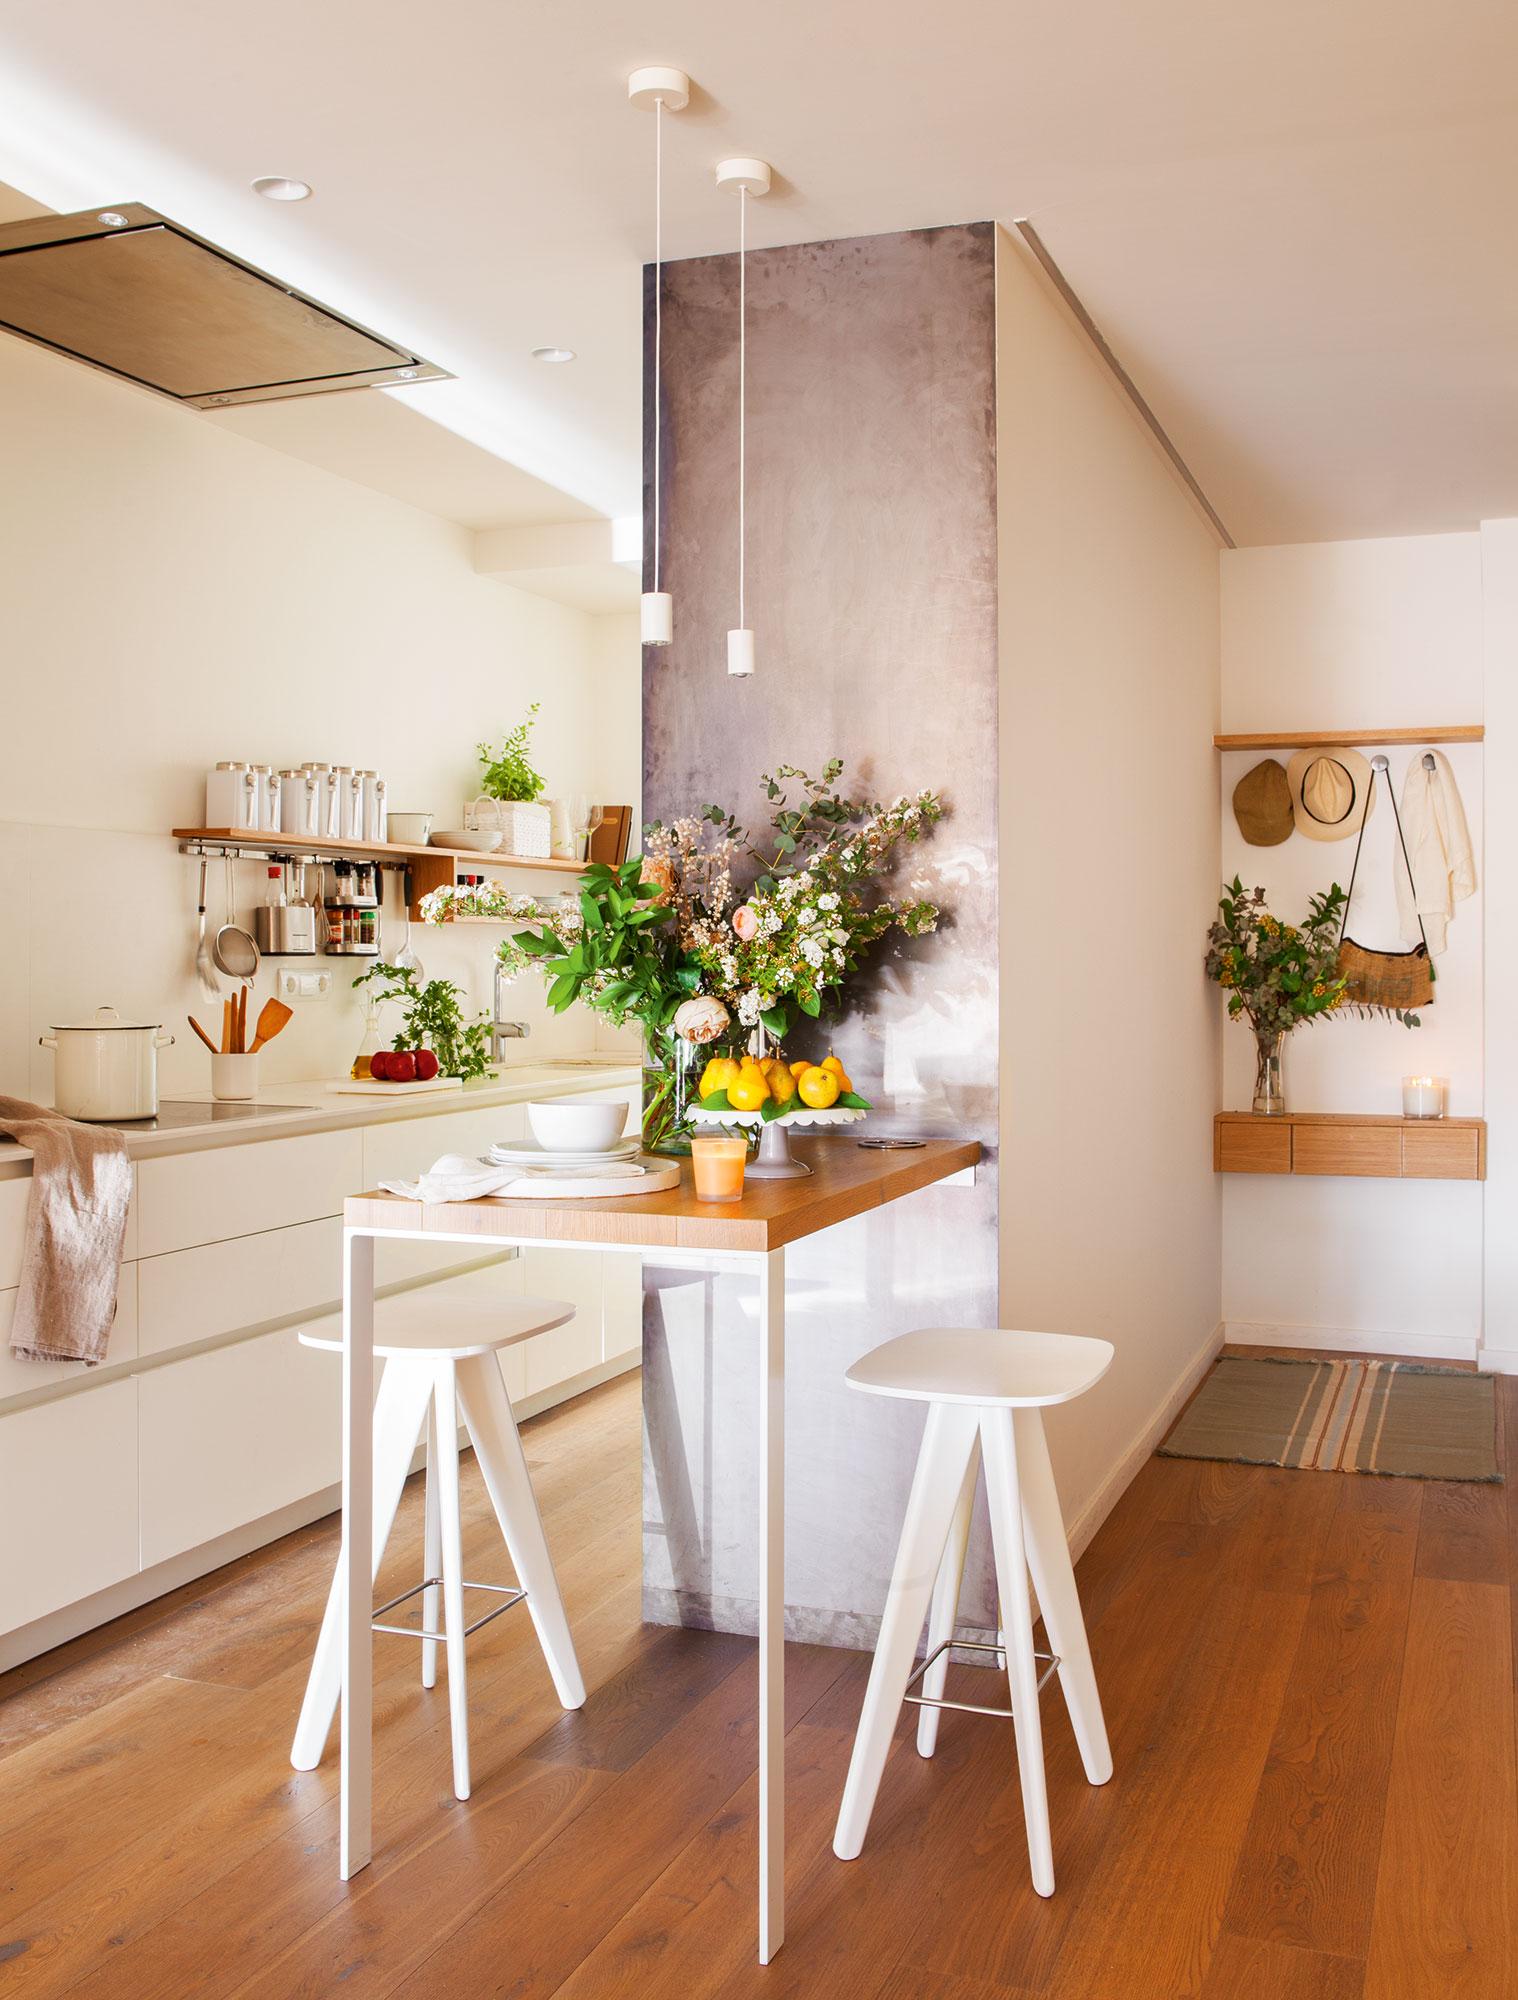 El Piso De Los Mil Metros # Muebles Pequenos Para Cocina